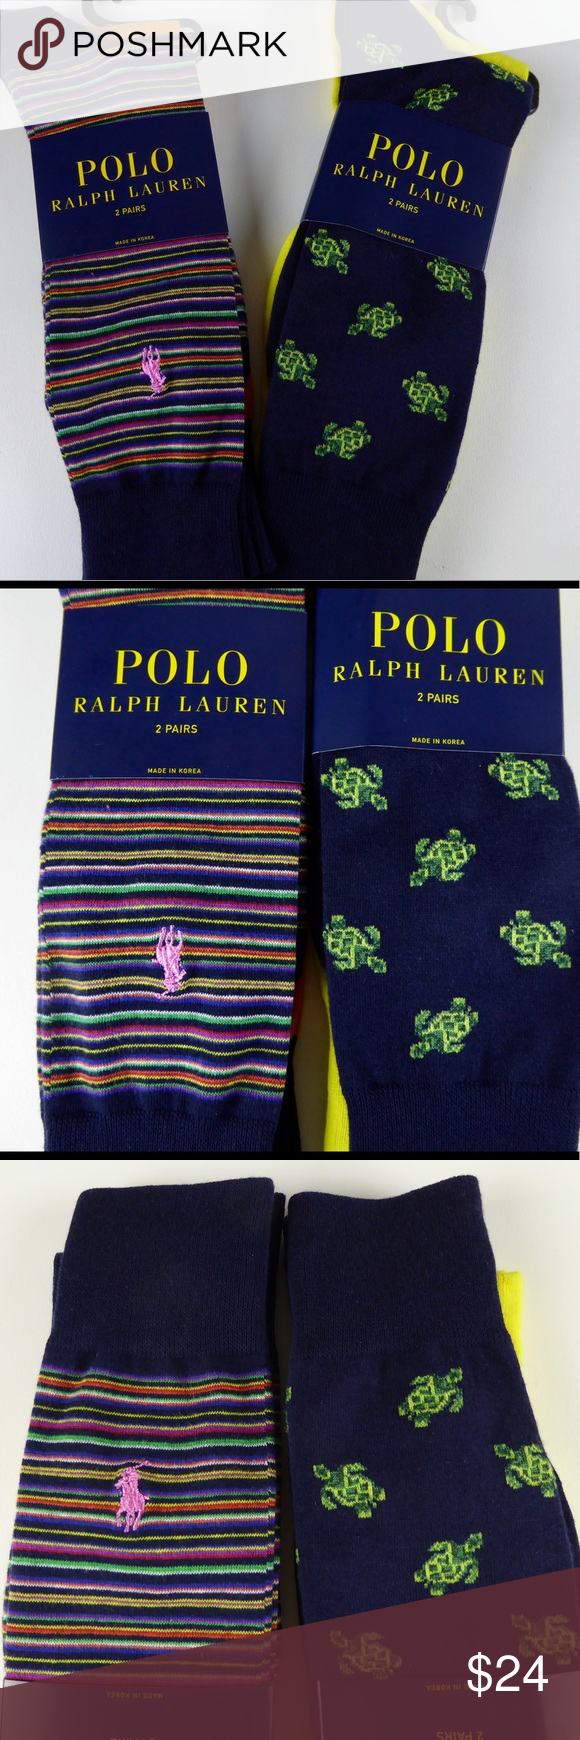 Purple dress socks   prs Polo Ralph Lauren dress socks Turtles Stripe NWT  Dress socks